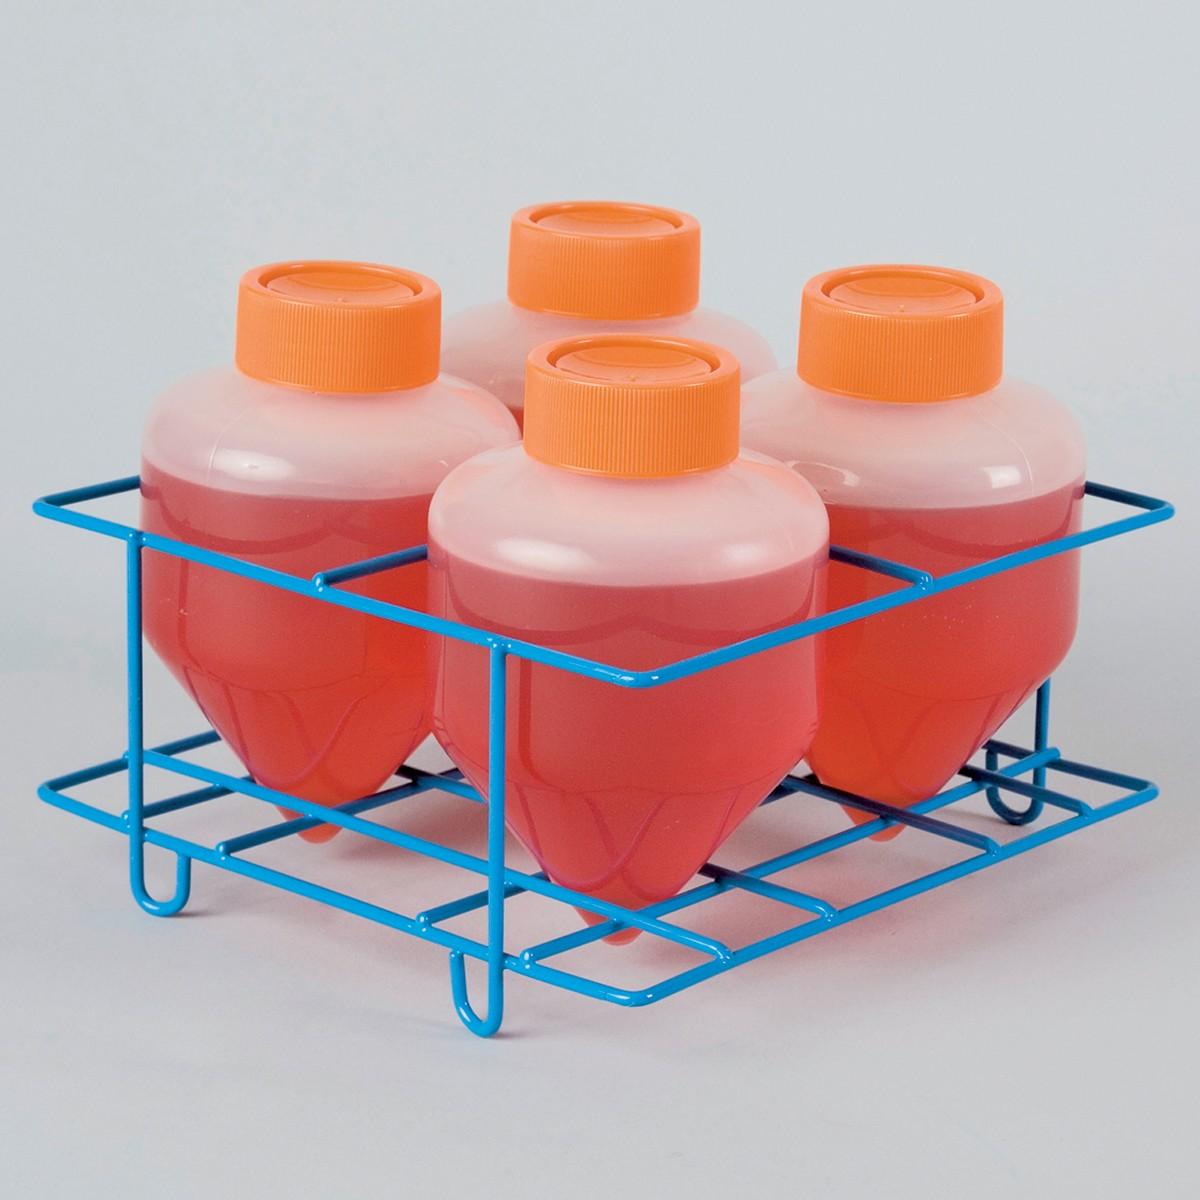 Poxygrid 500ml Centrifuge Tube Rack